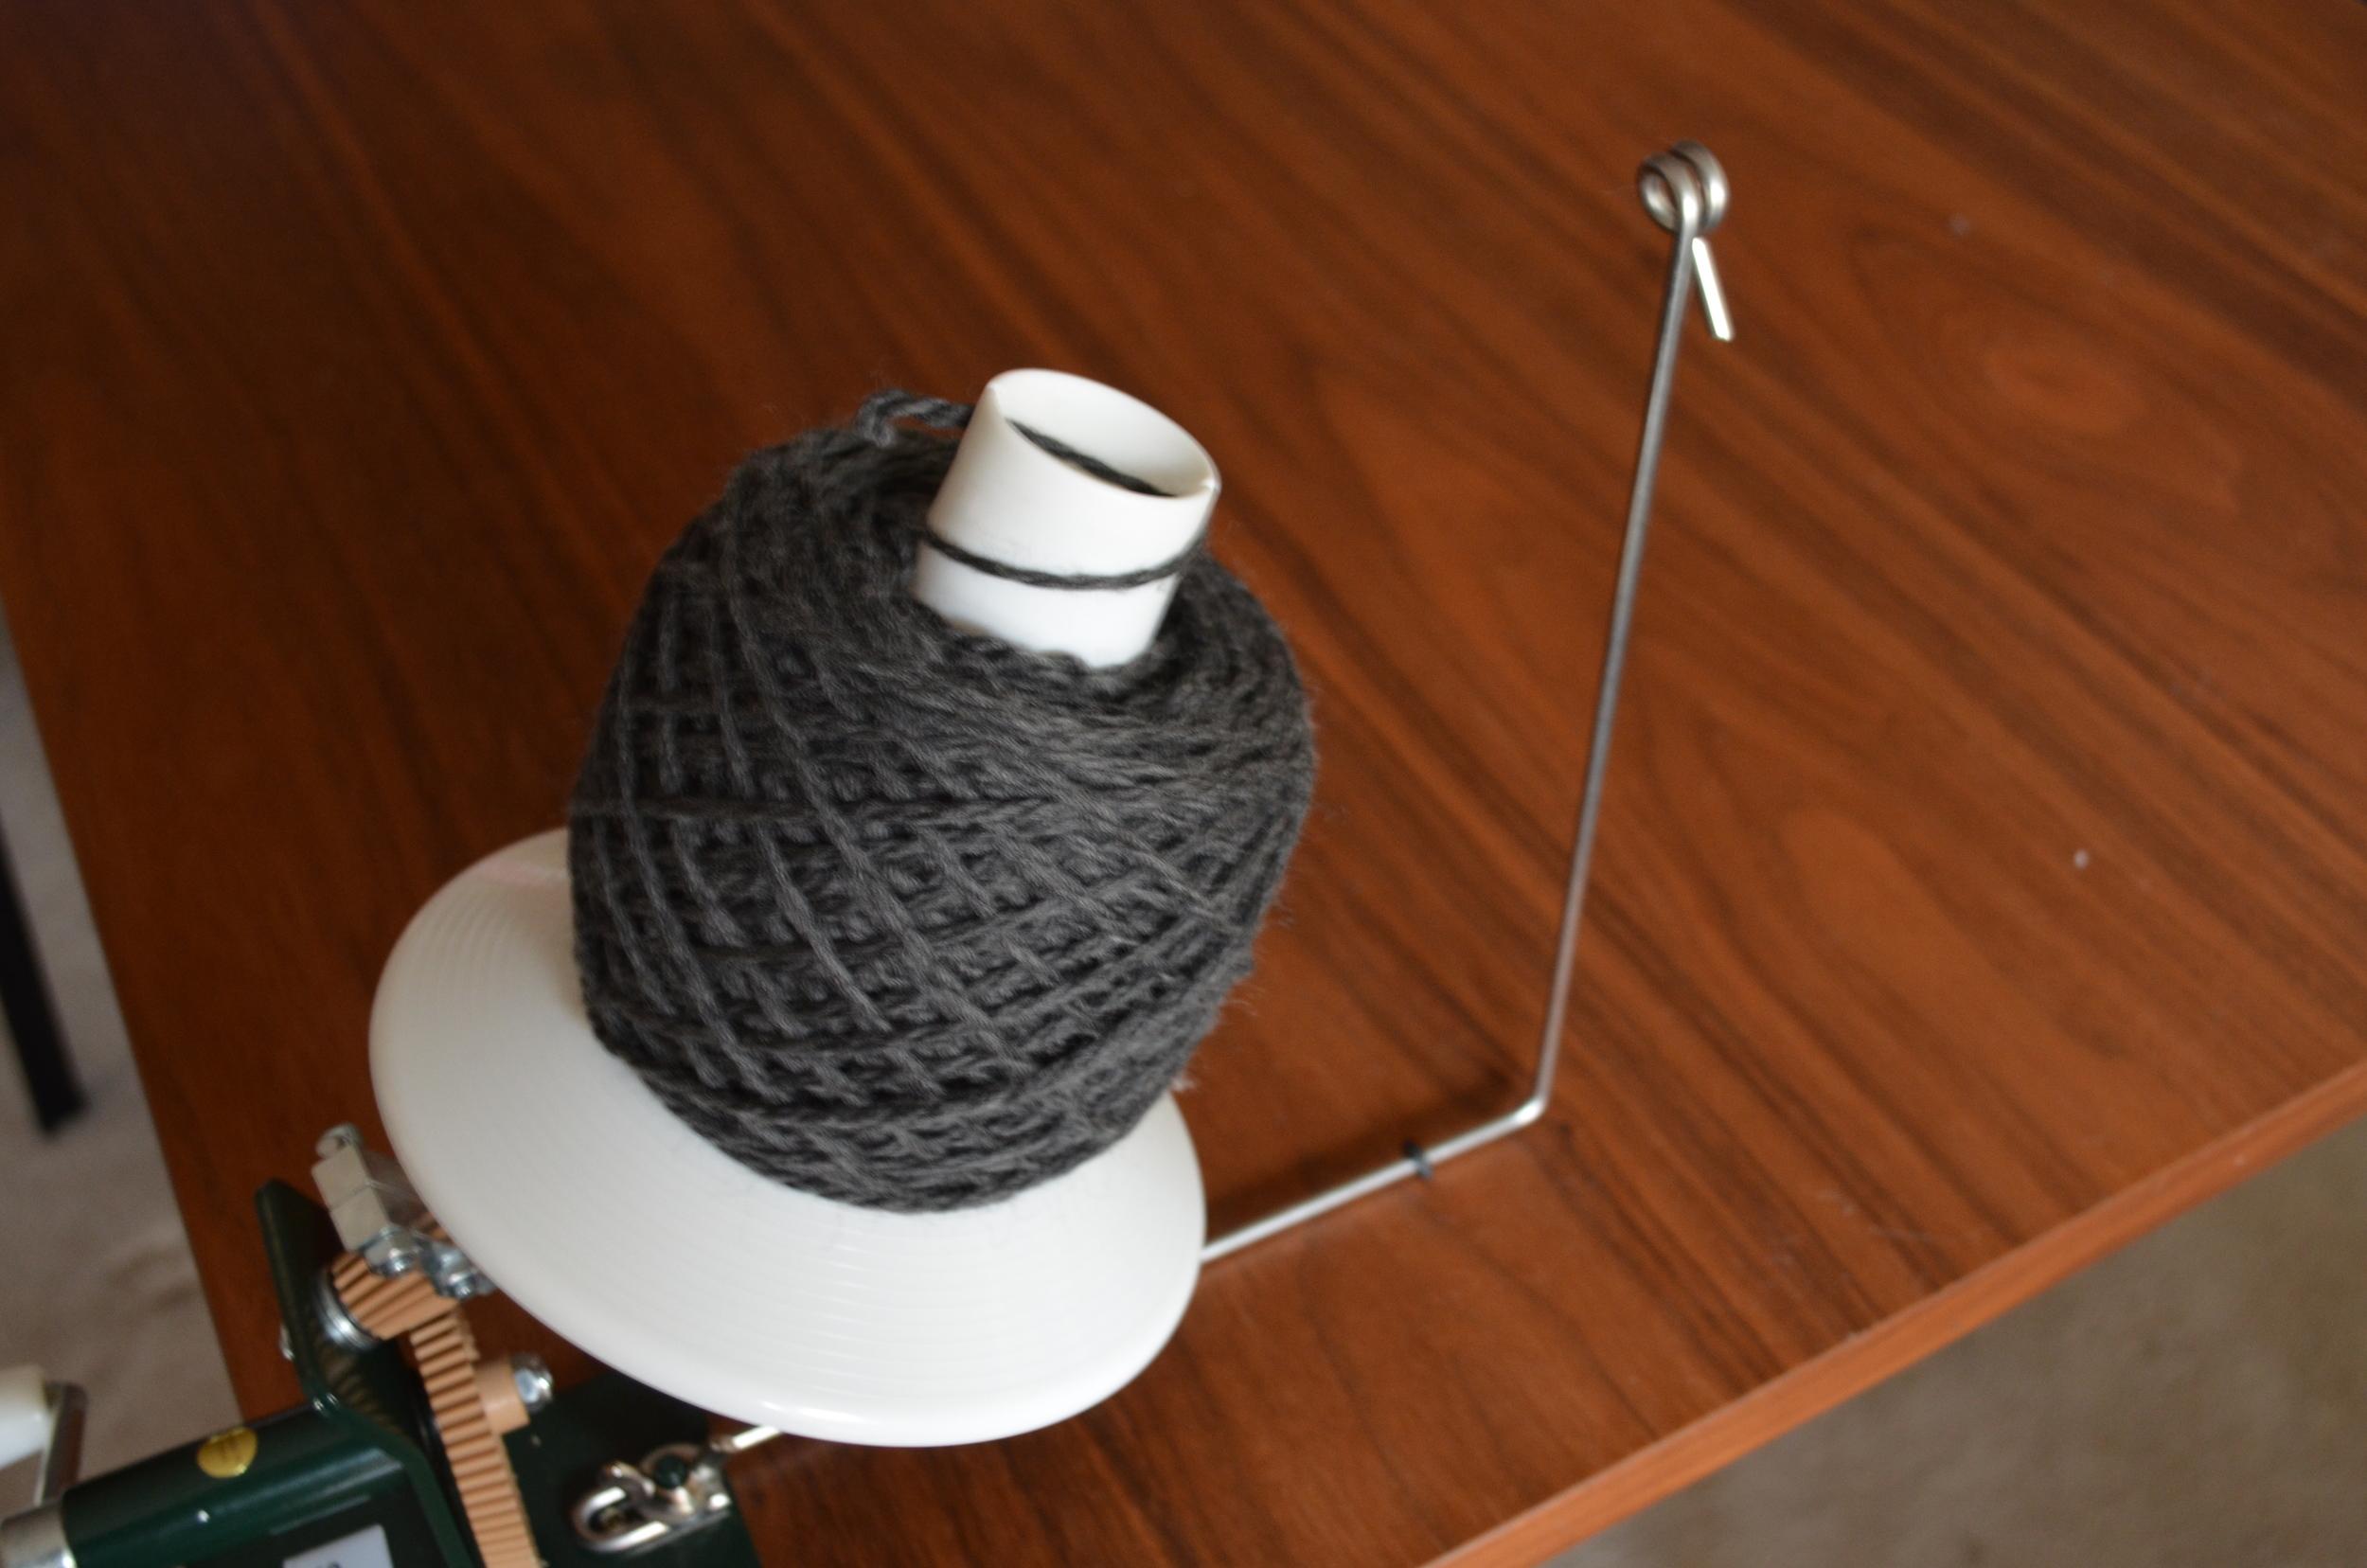 beautifully wound skein of yarn / warporweft.com